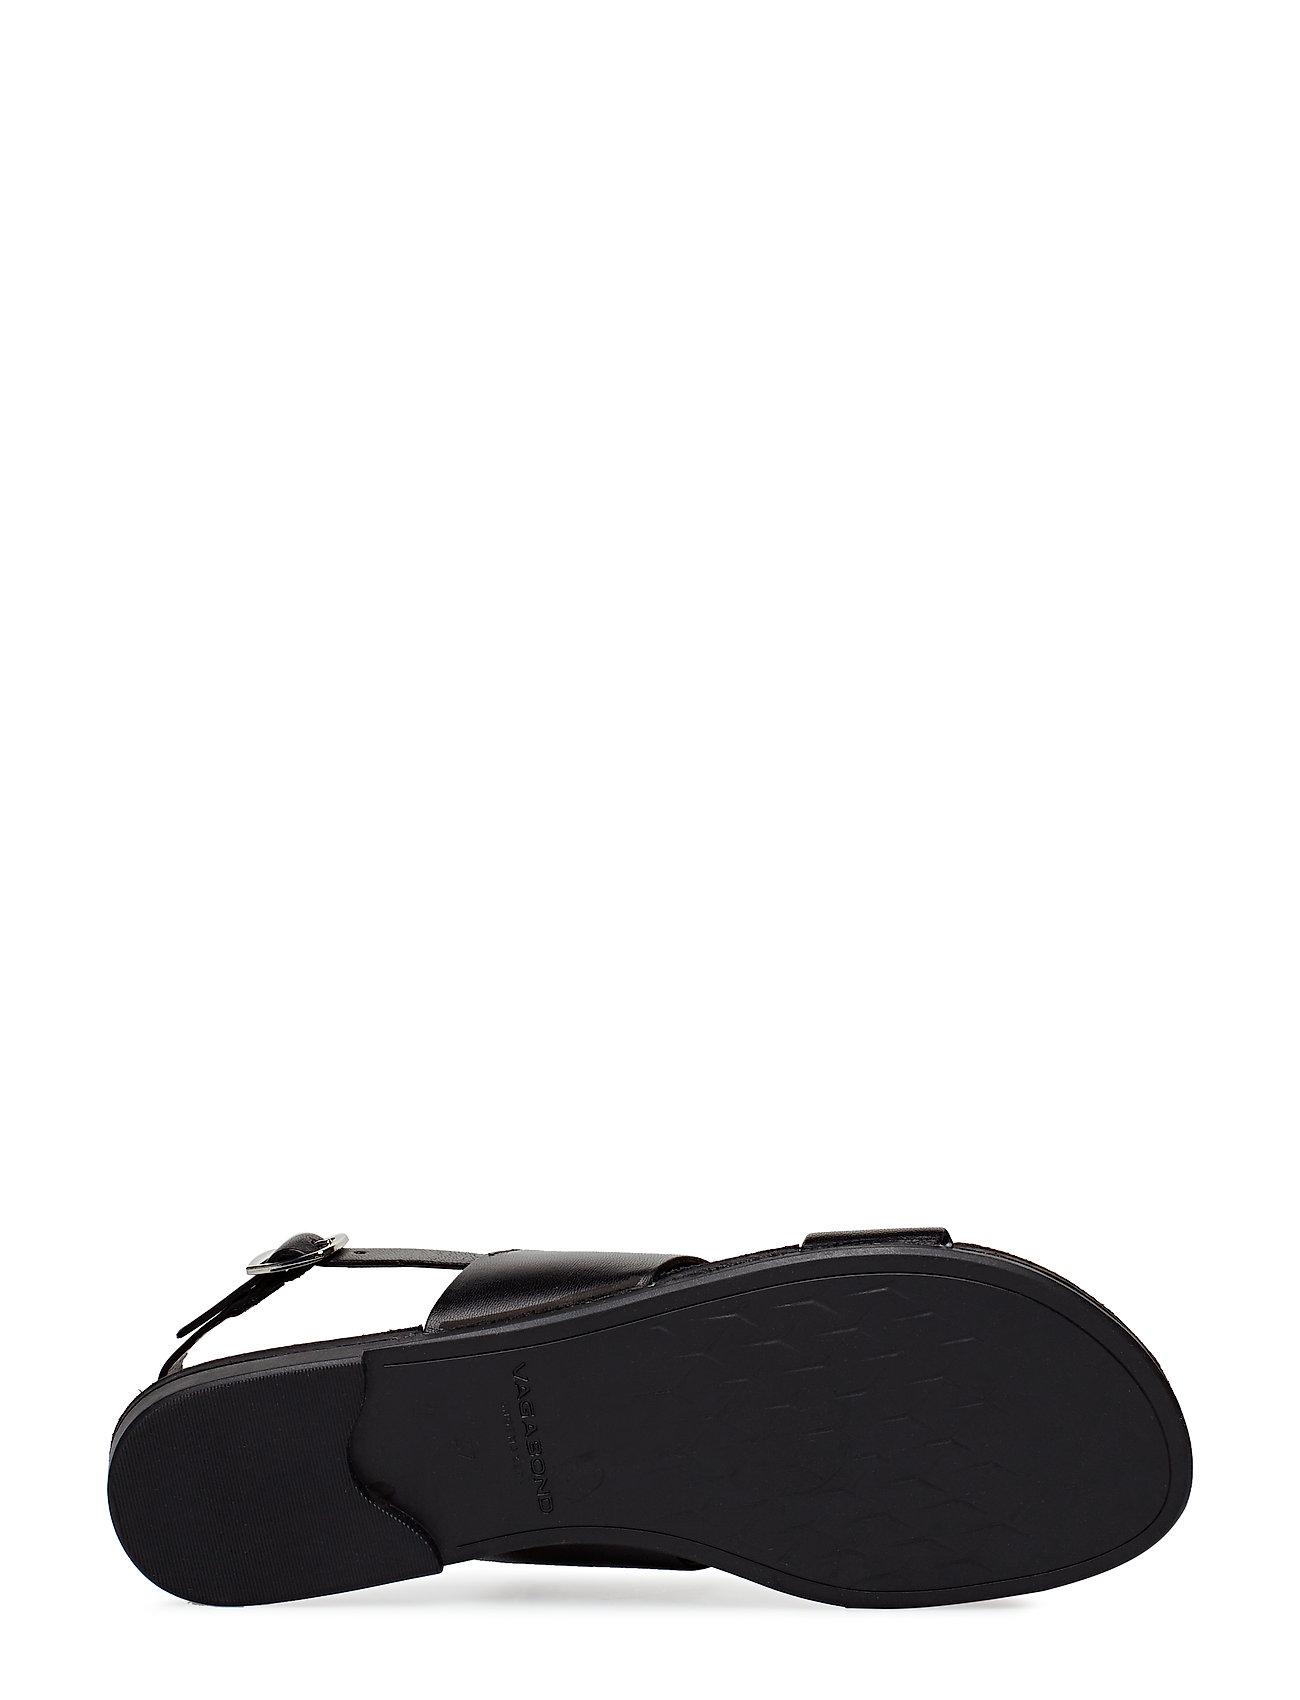 VAGABOND - TIA - płaskie sandały - black - 4